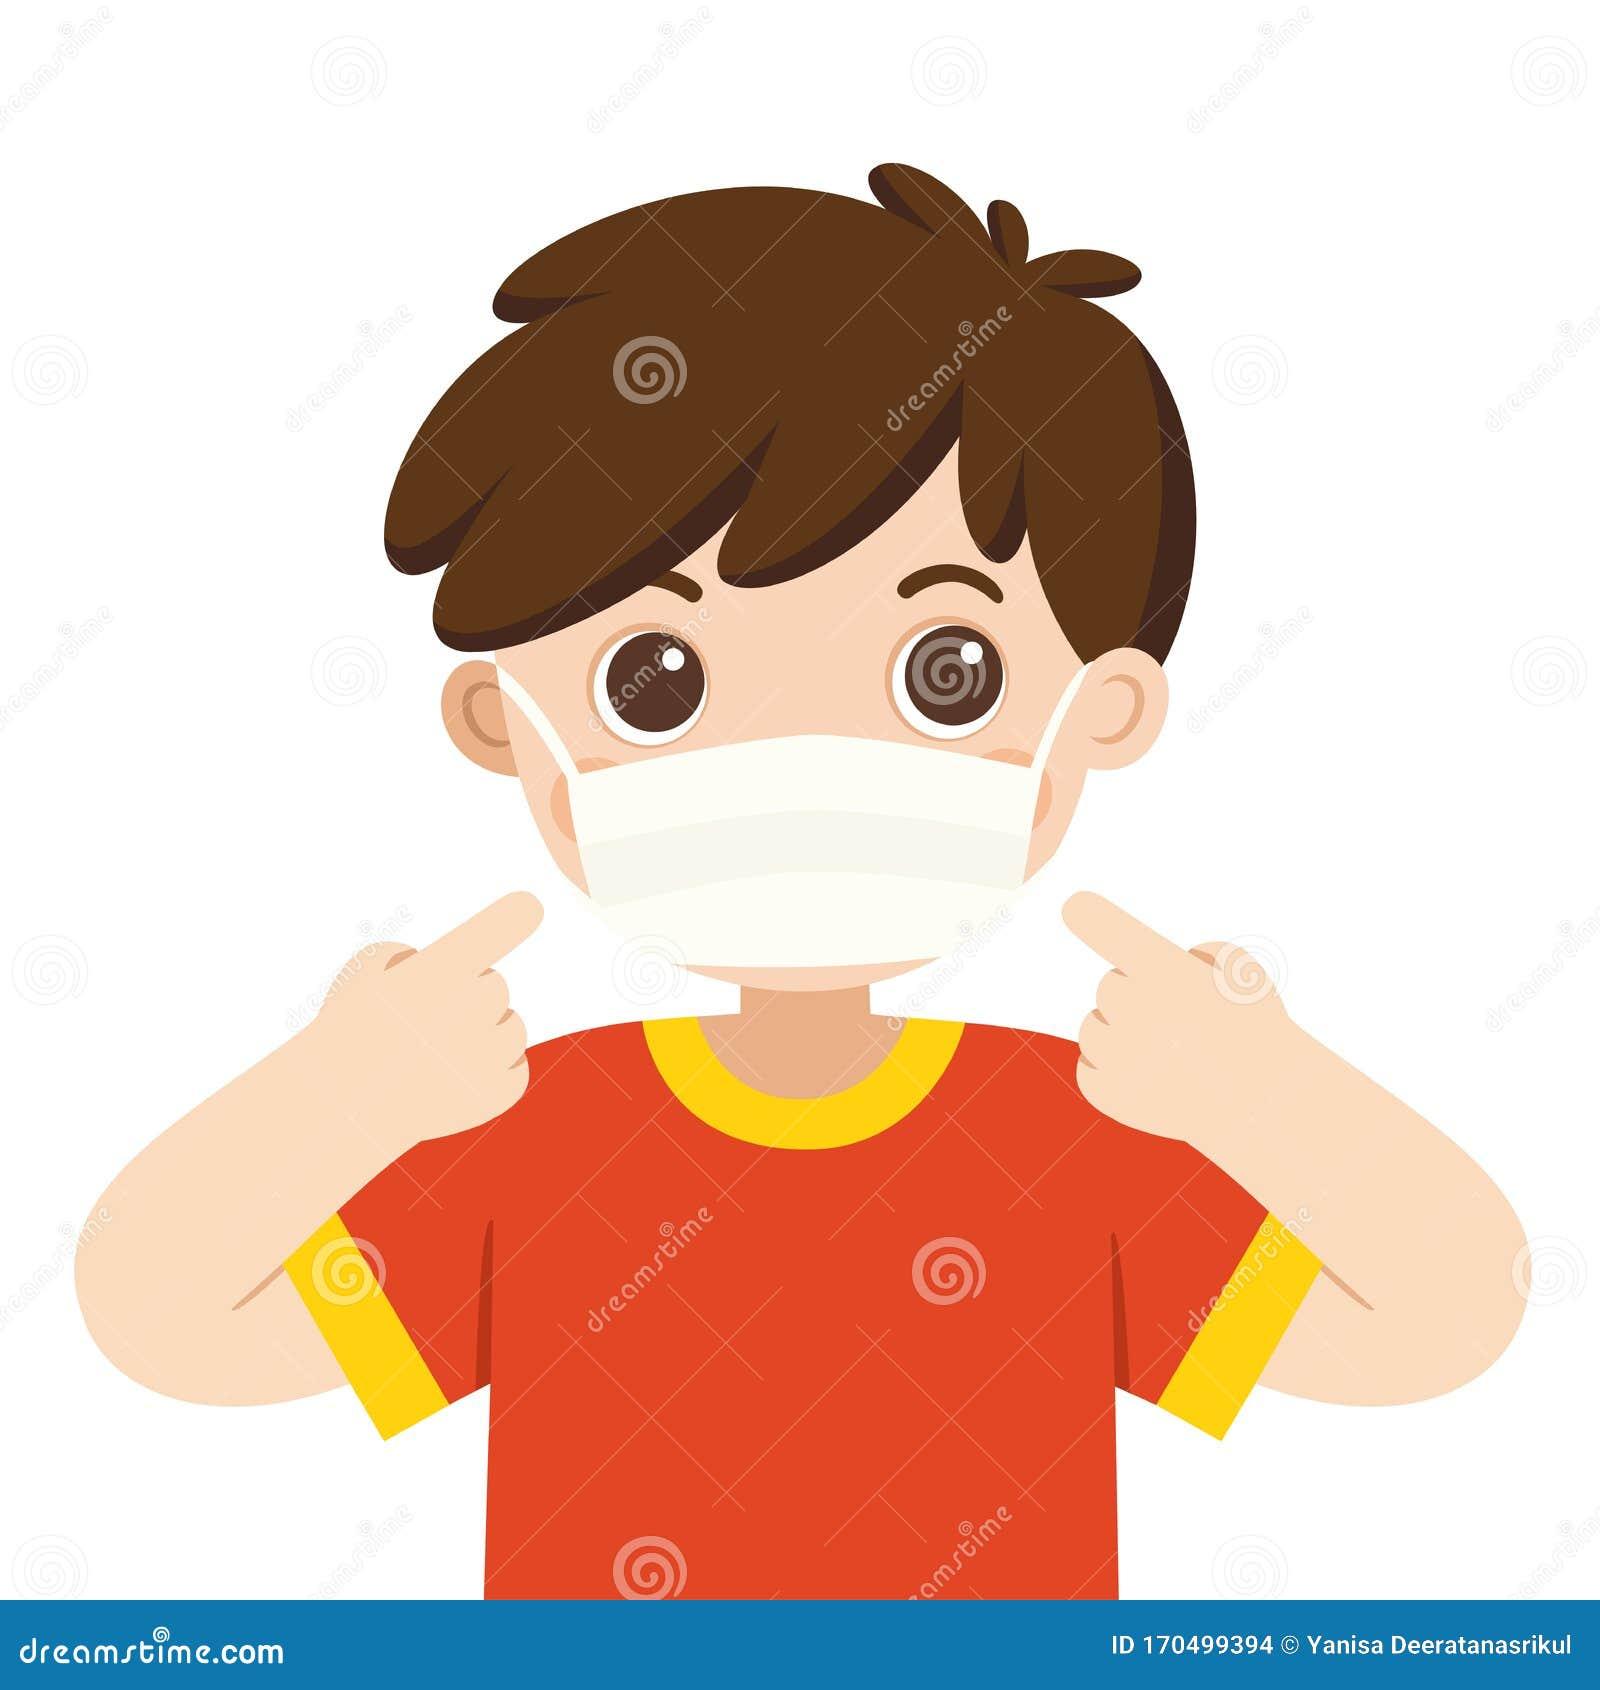 cute virus mask